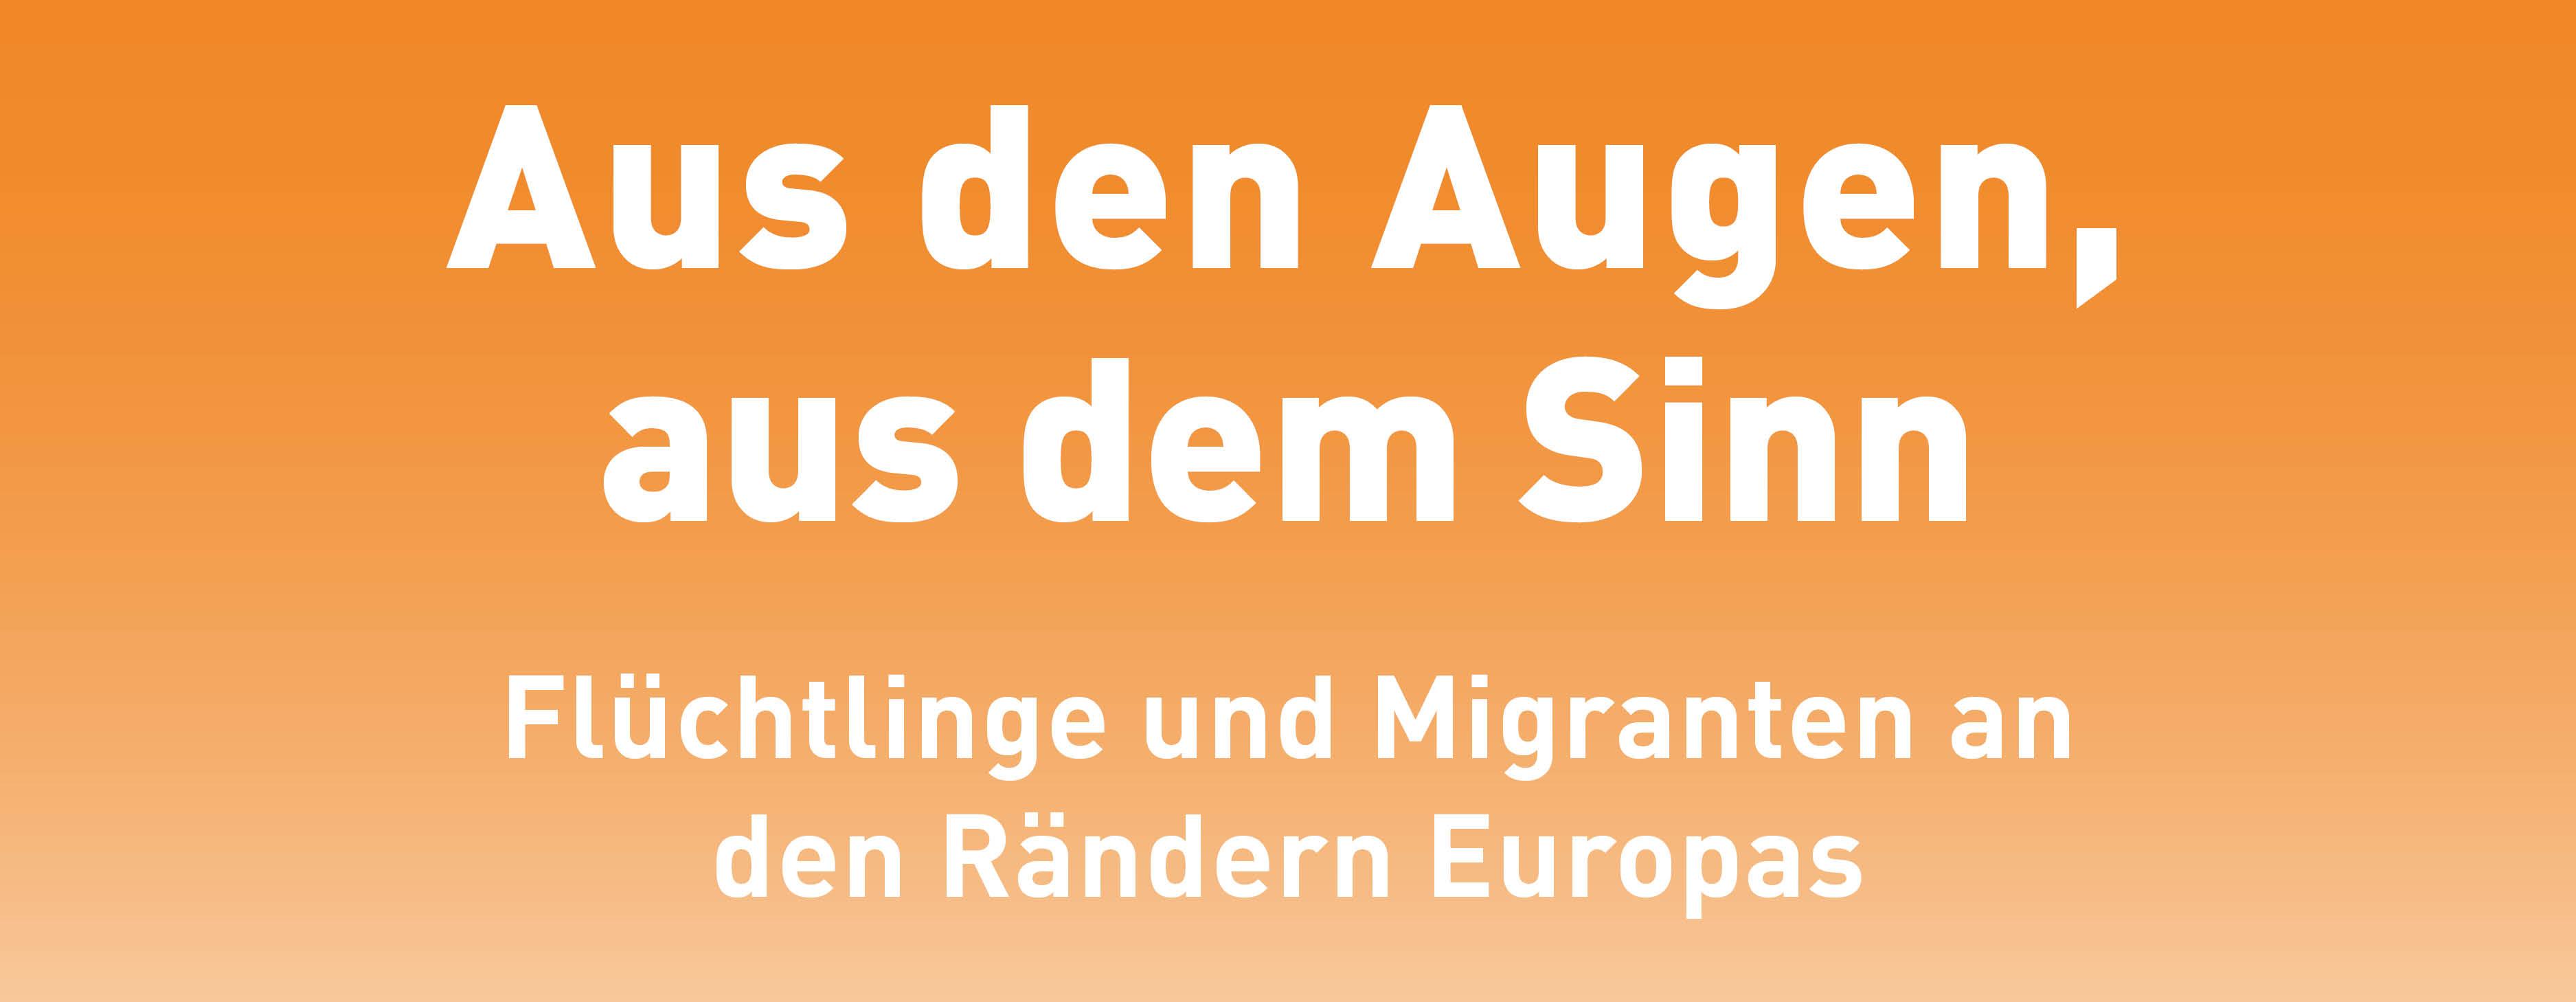 """E-Paper-Reihe """"Aus den Augen, aus dem Sinn"""" Flüchtlinge und Migranten an den Rändern Europas"""